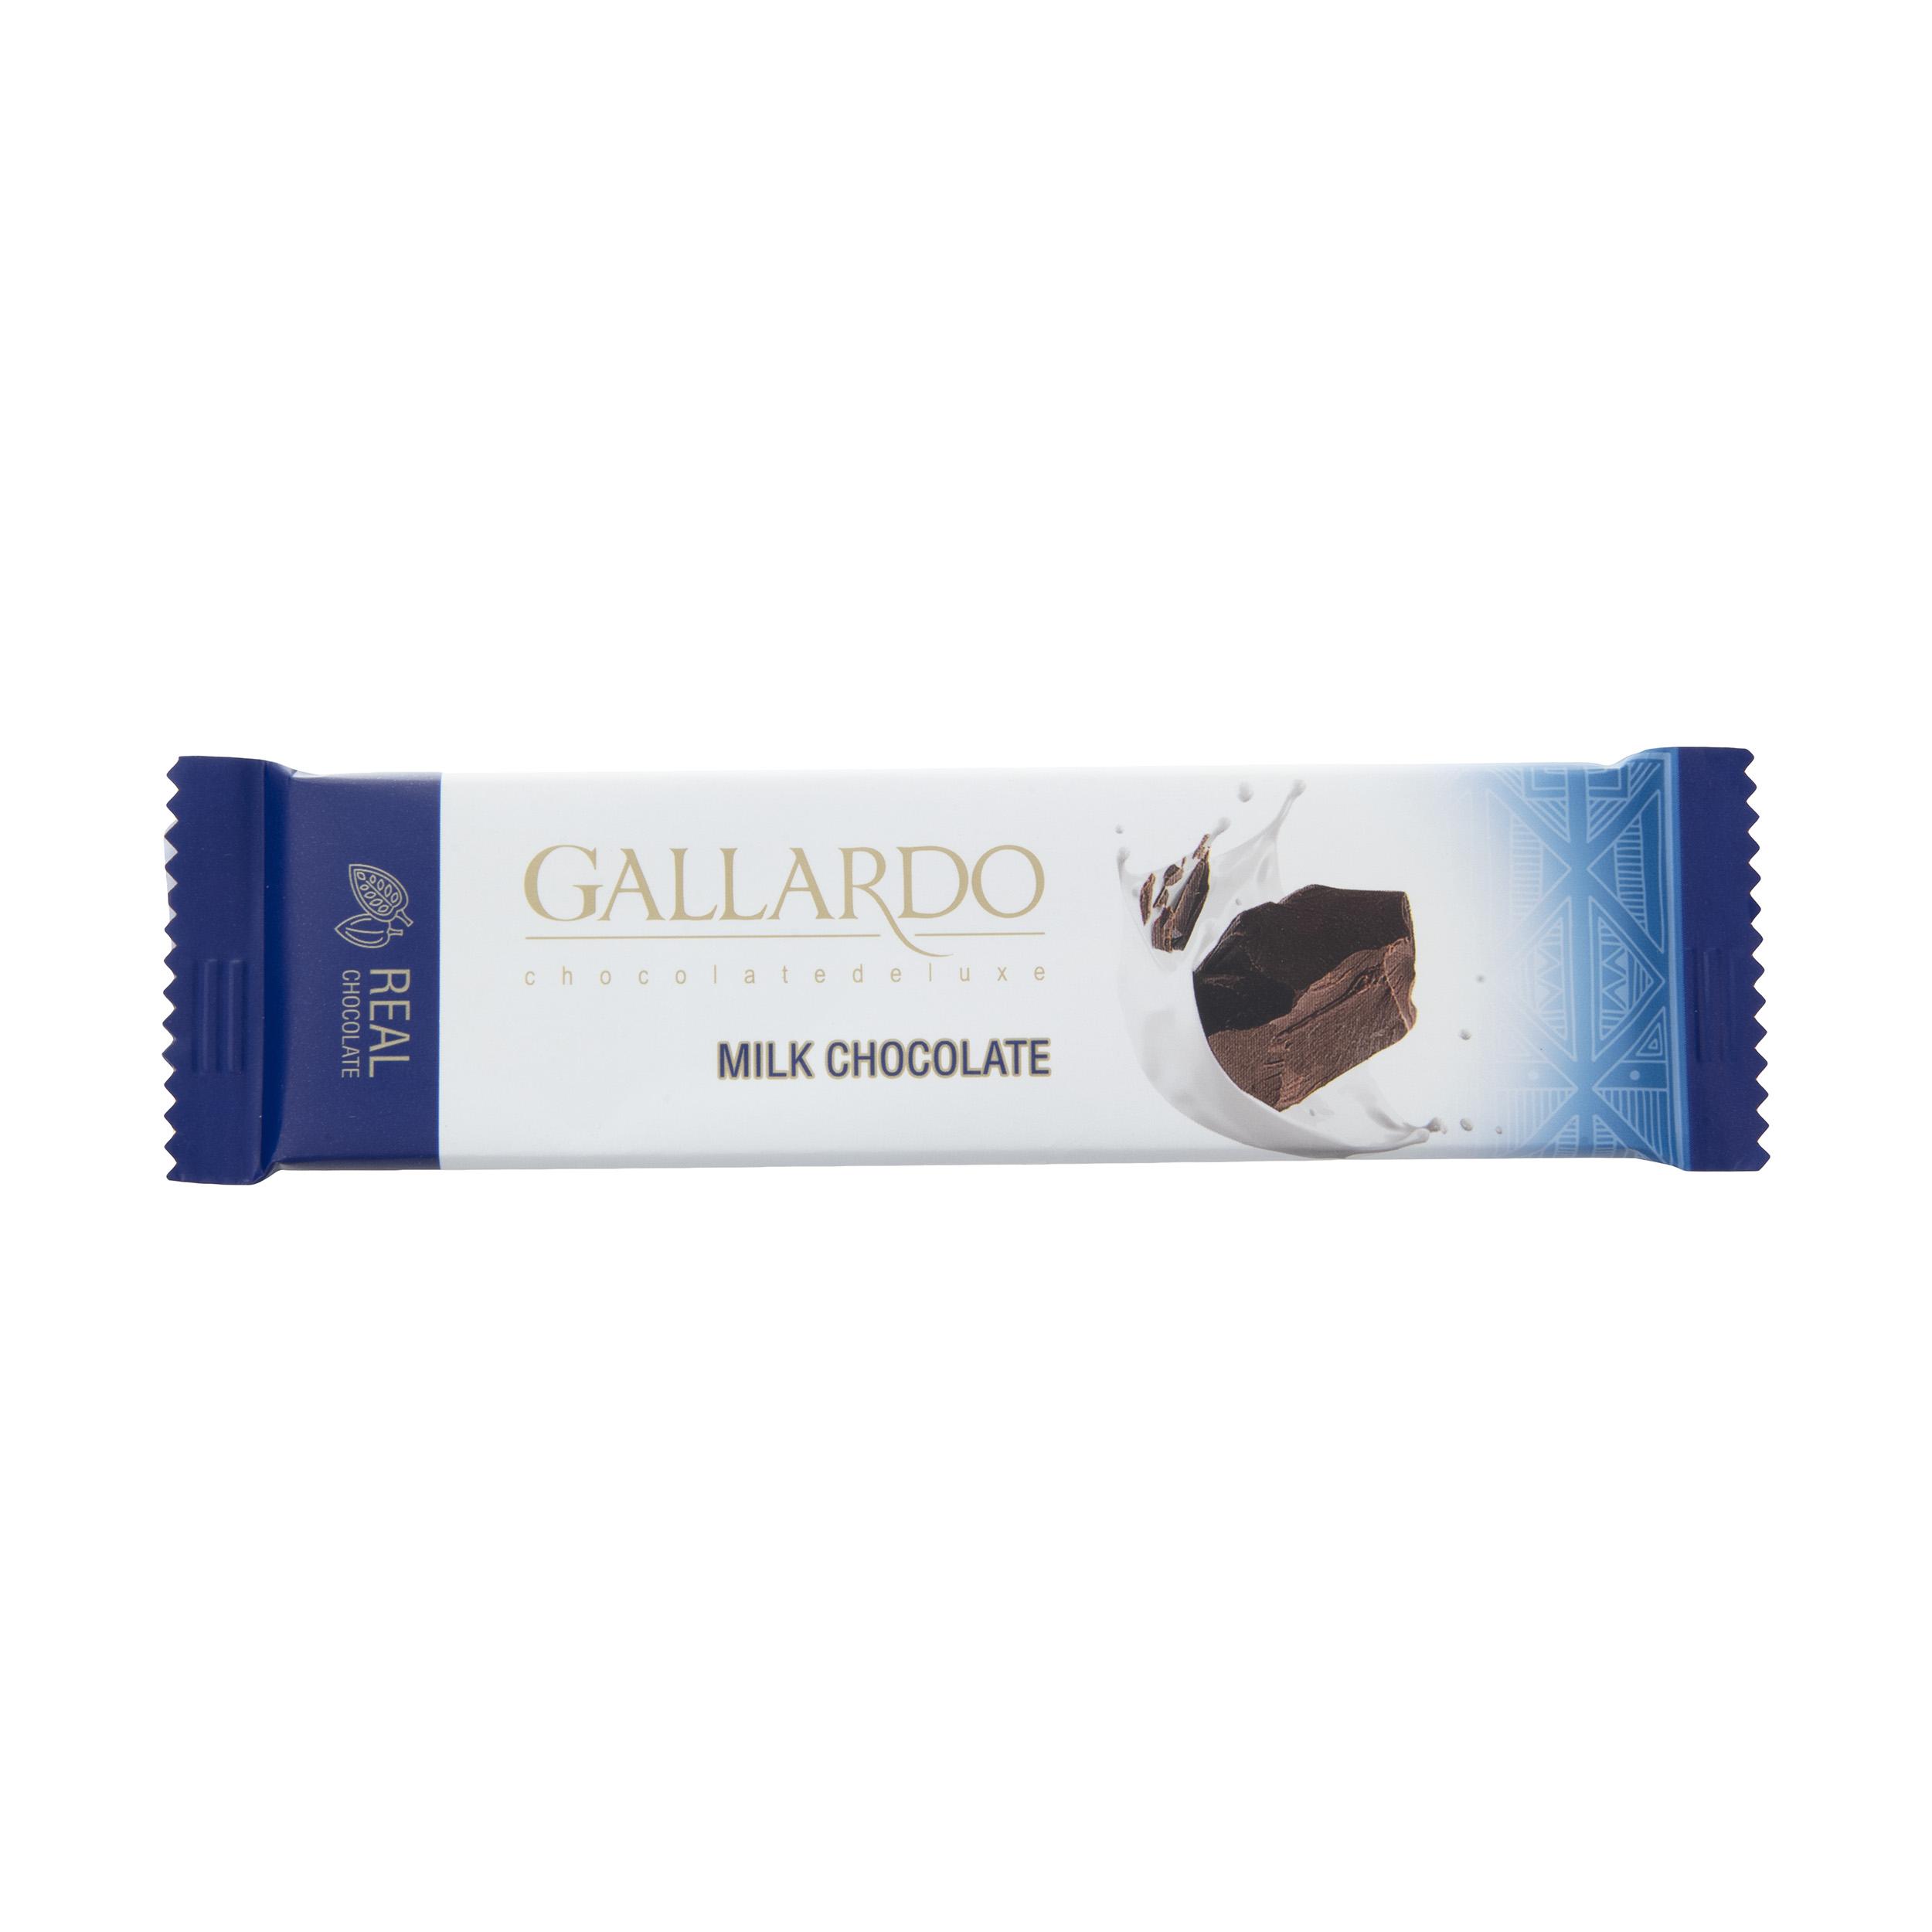 شکلات تابلت فرمند سری گالاردو مقدار 23 گرم